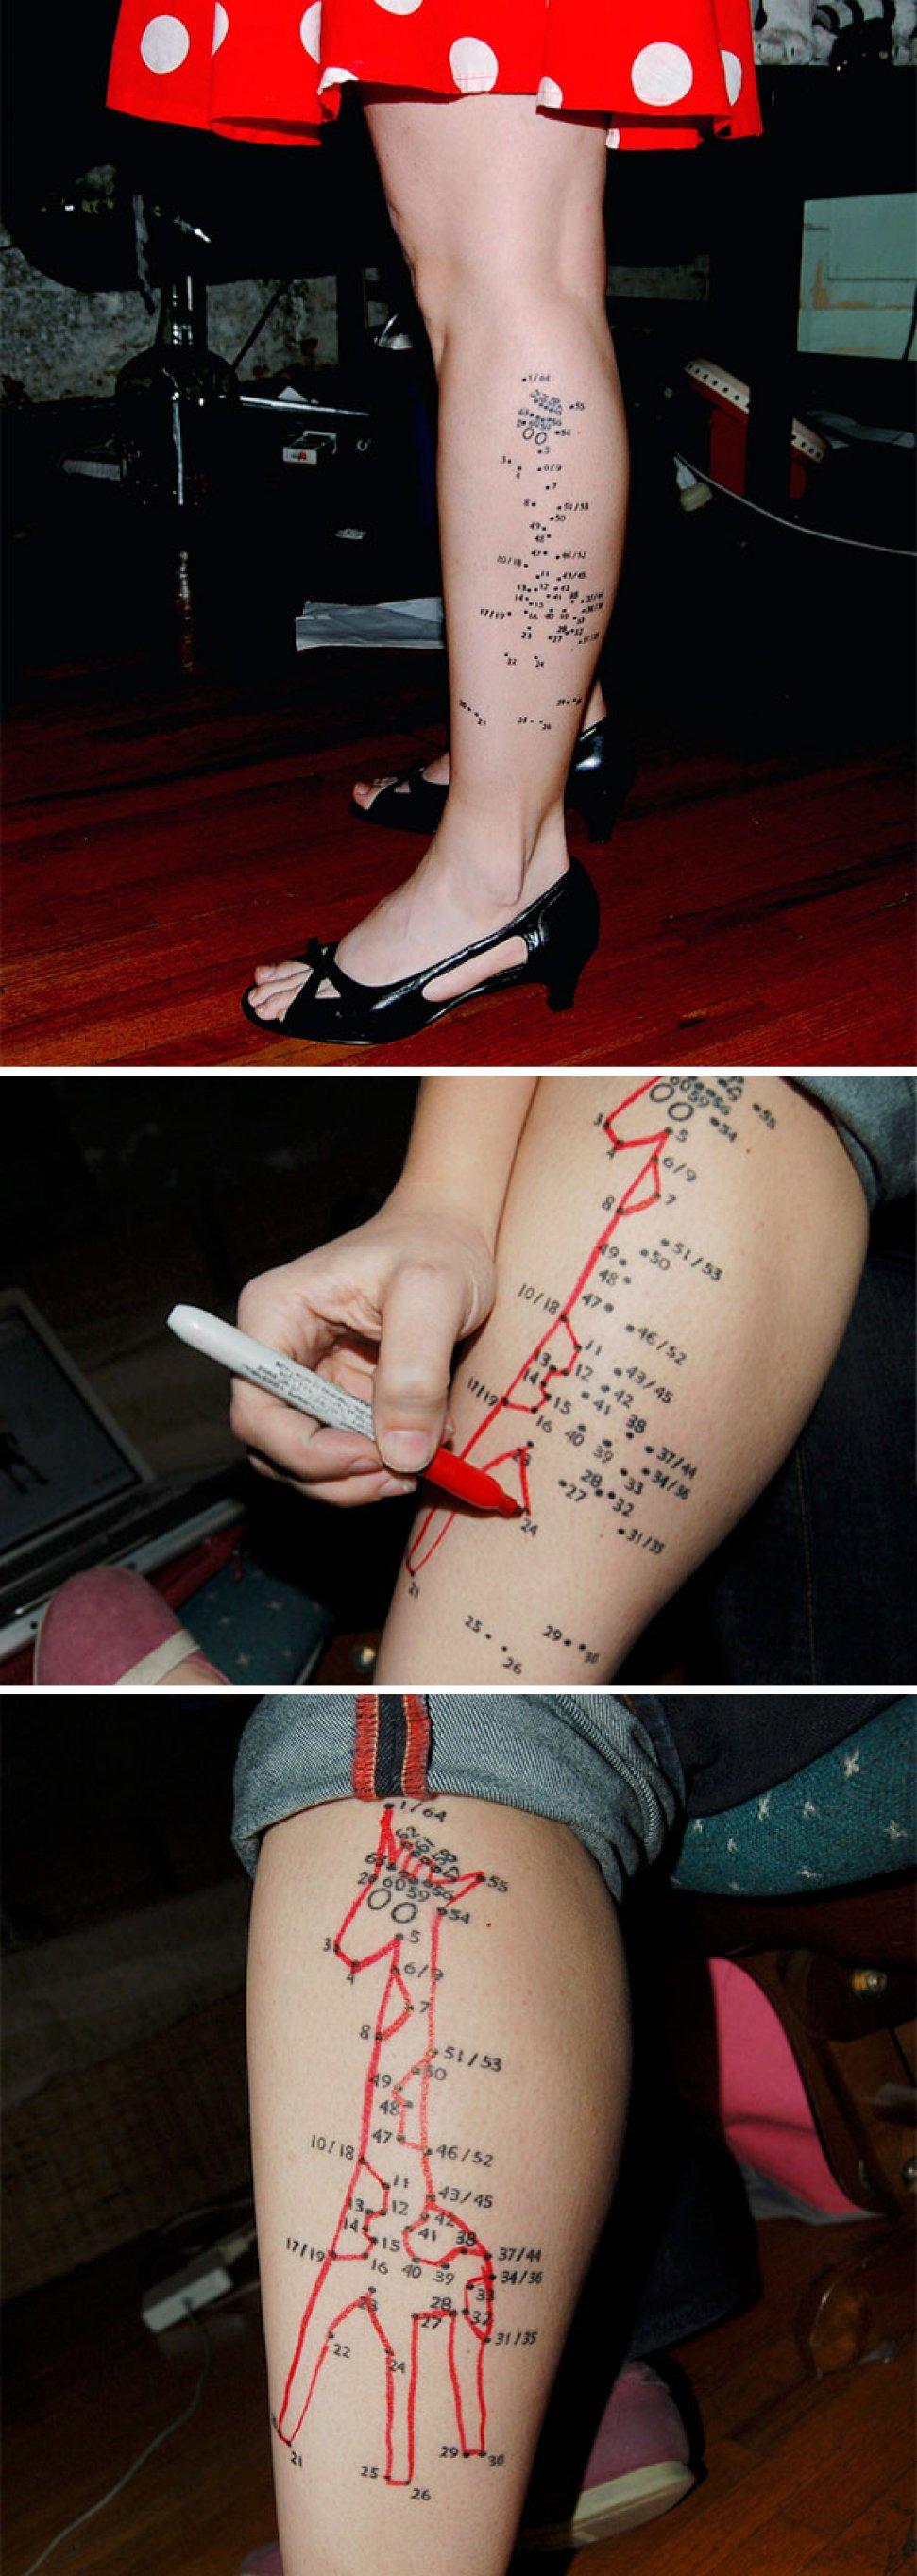 hidden-meaning-tattoo-3-5757ec32d6d1a__605_971x2728.jpg